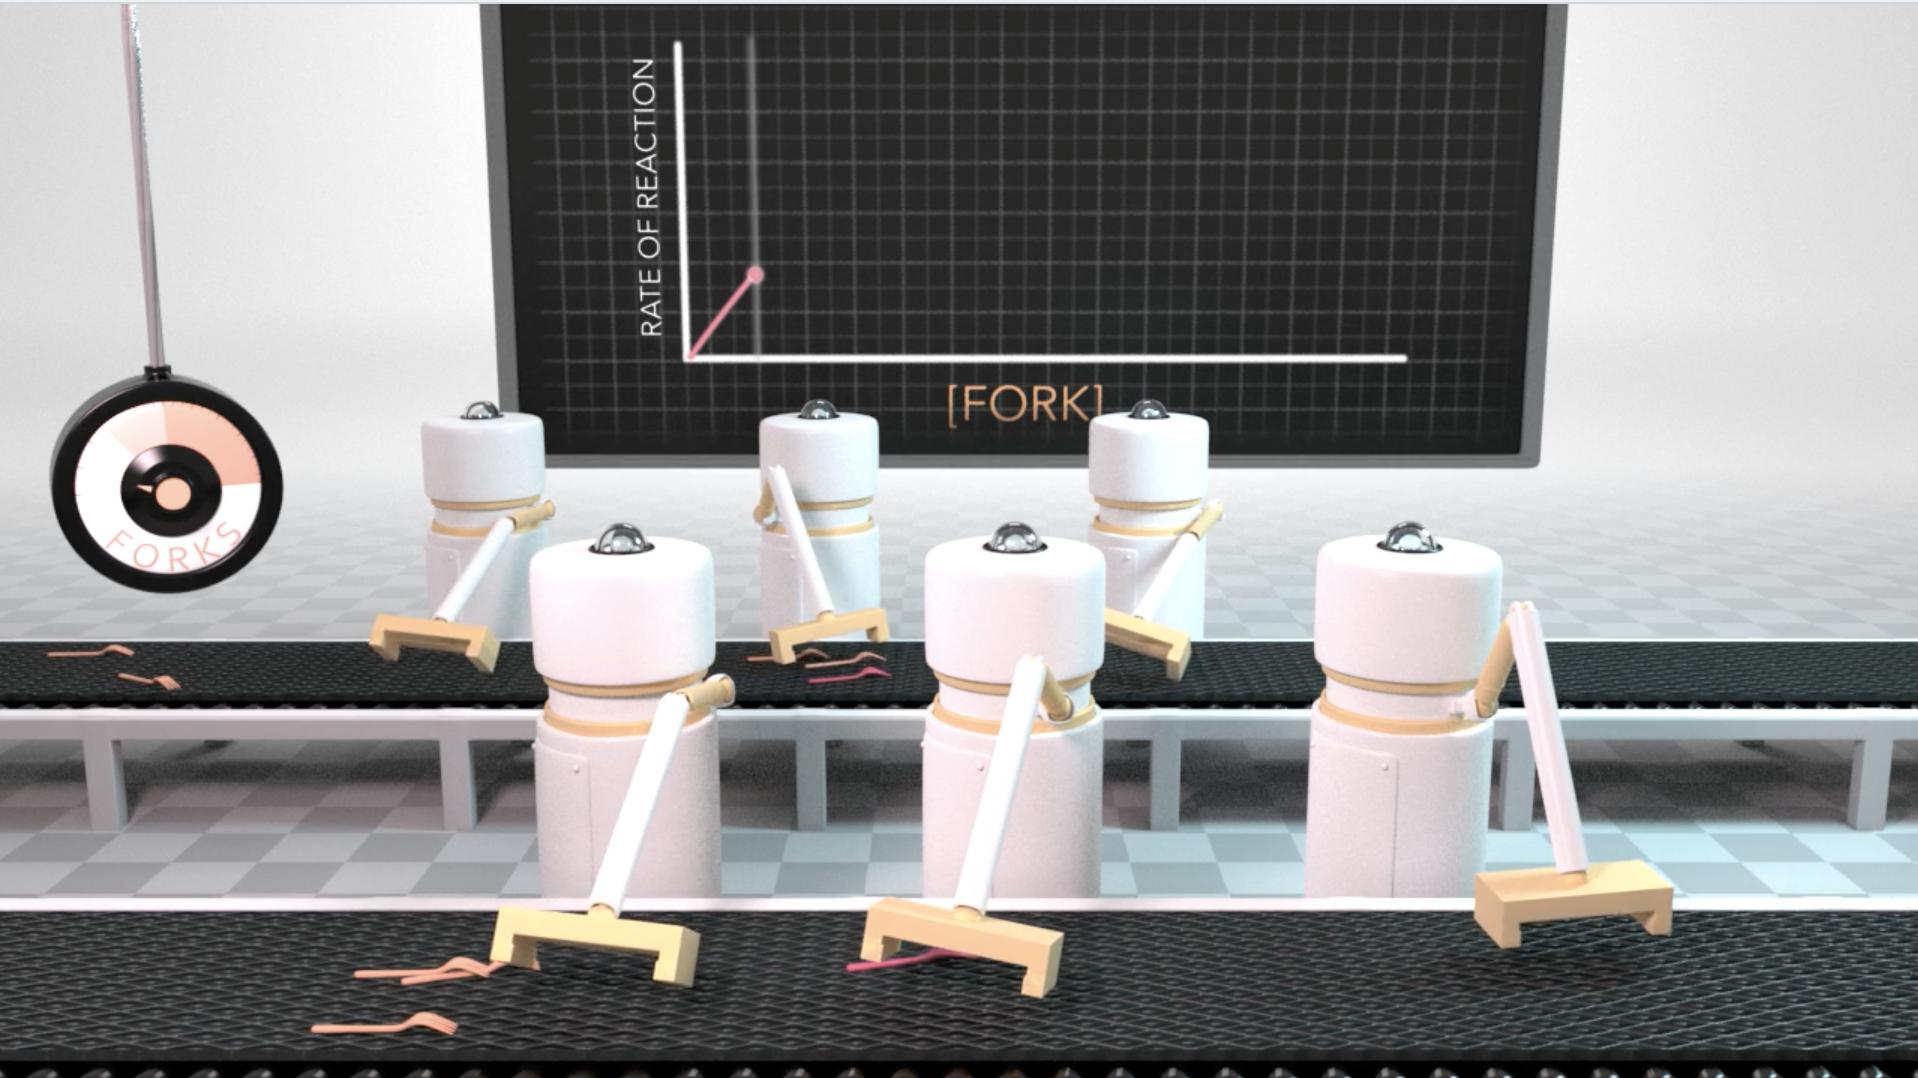 Robot Factory